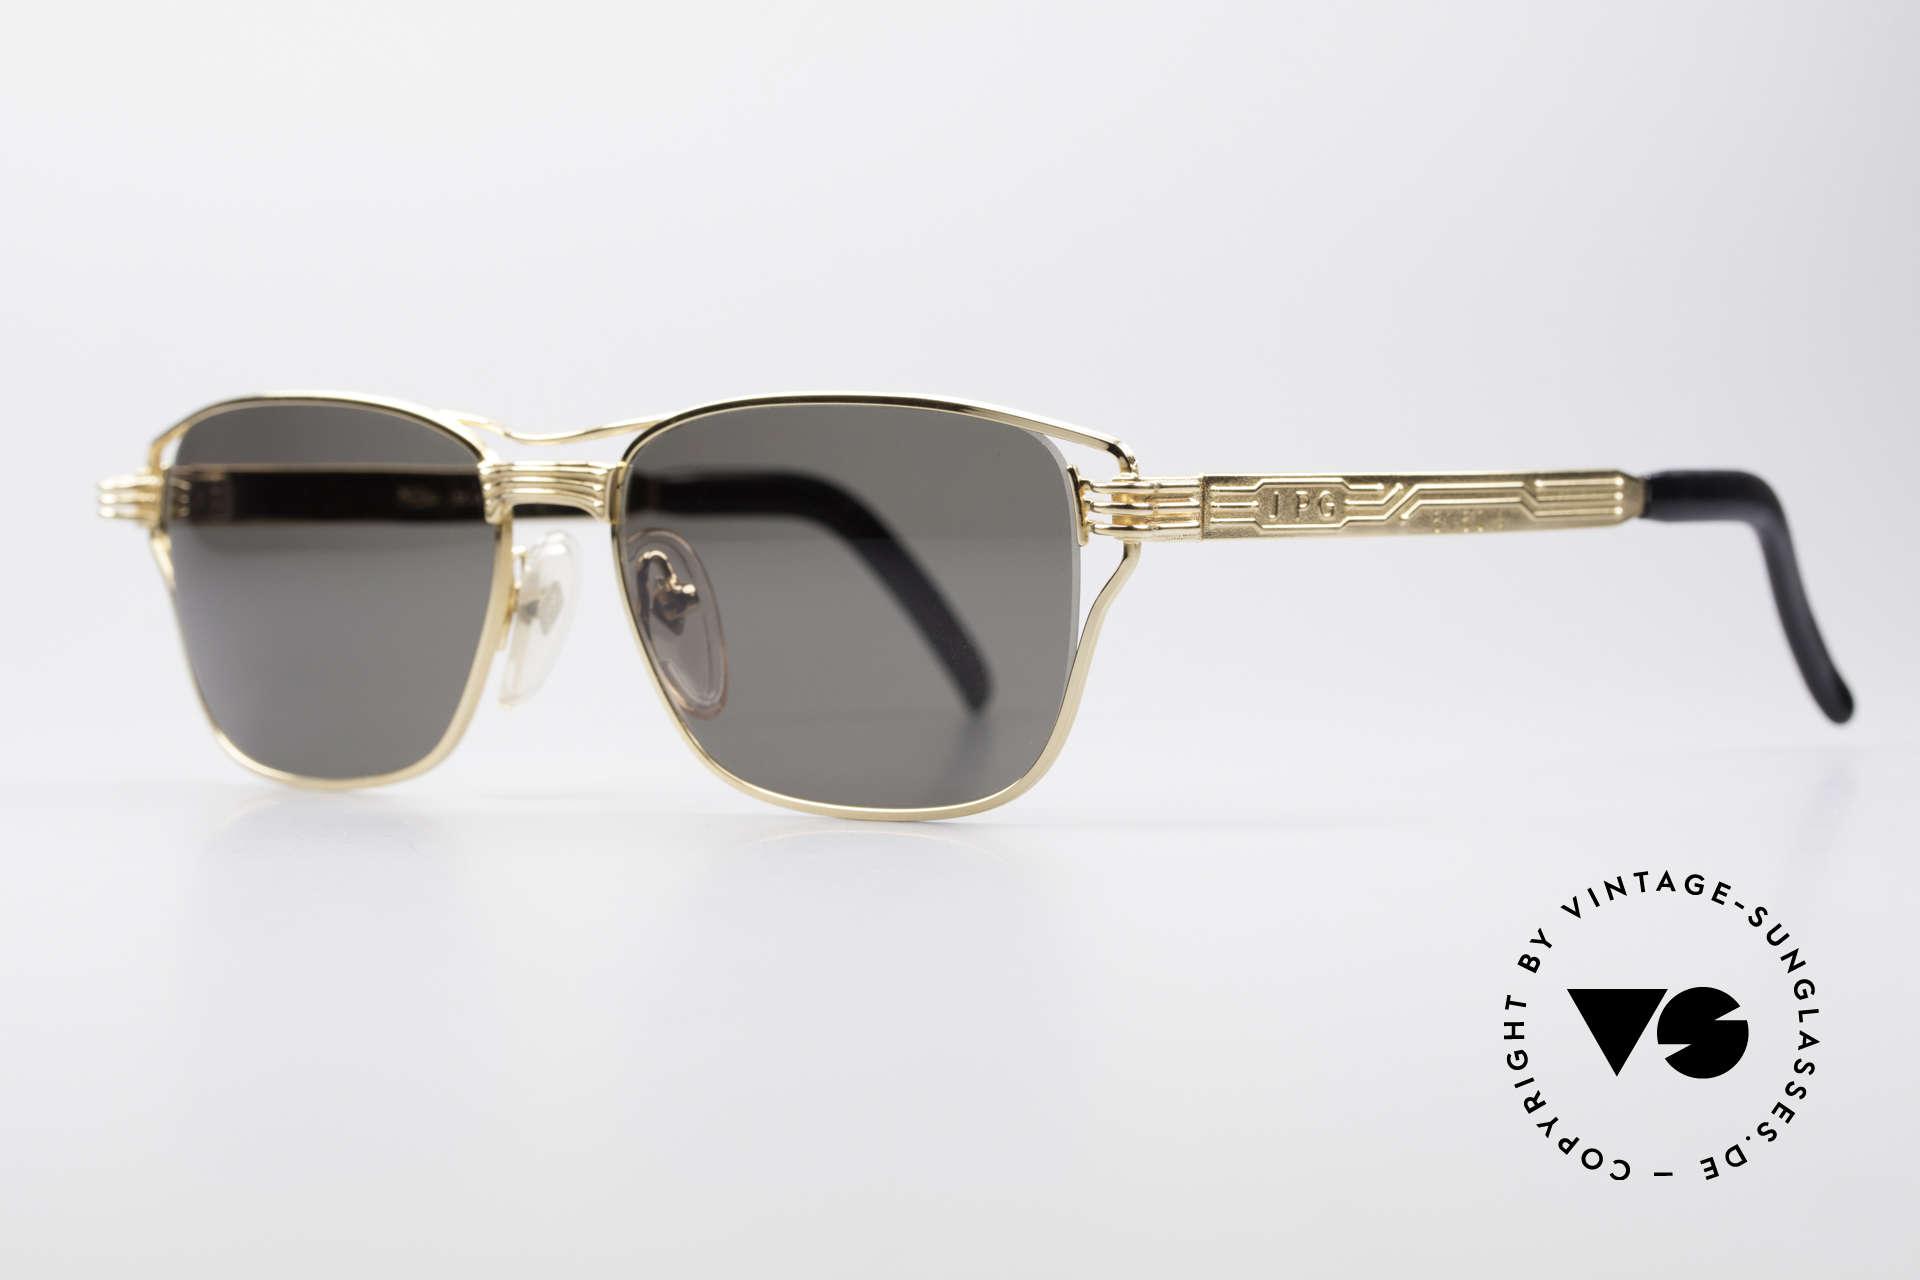 Jean Paul Gaultier 56-4173 Eckige Designer Sonnenbrille, Metall-Fassung mit vielen aufwendigen Details, Passend für Herren